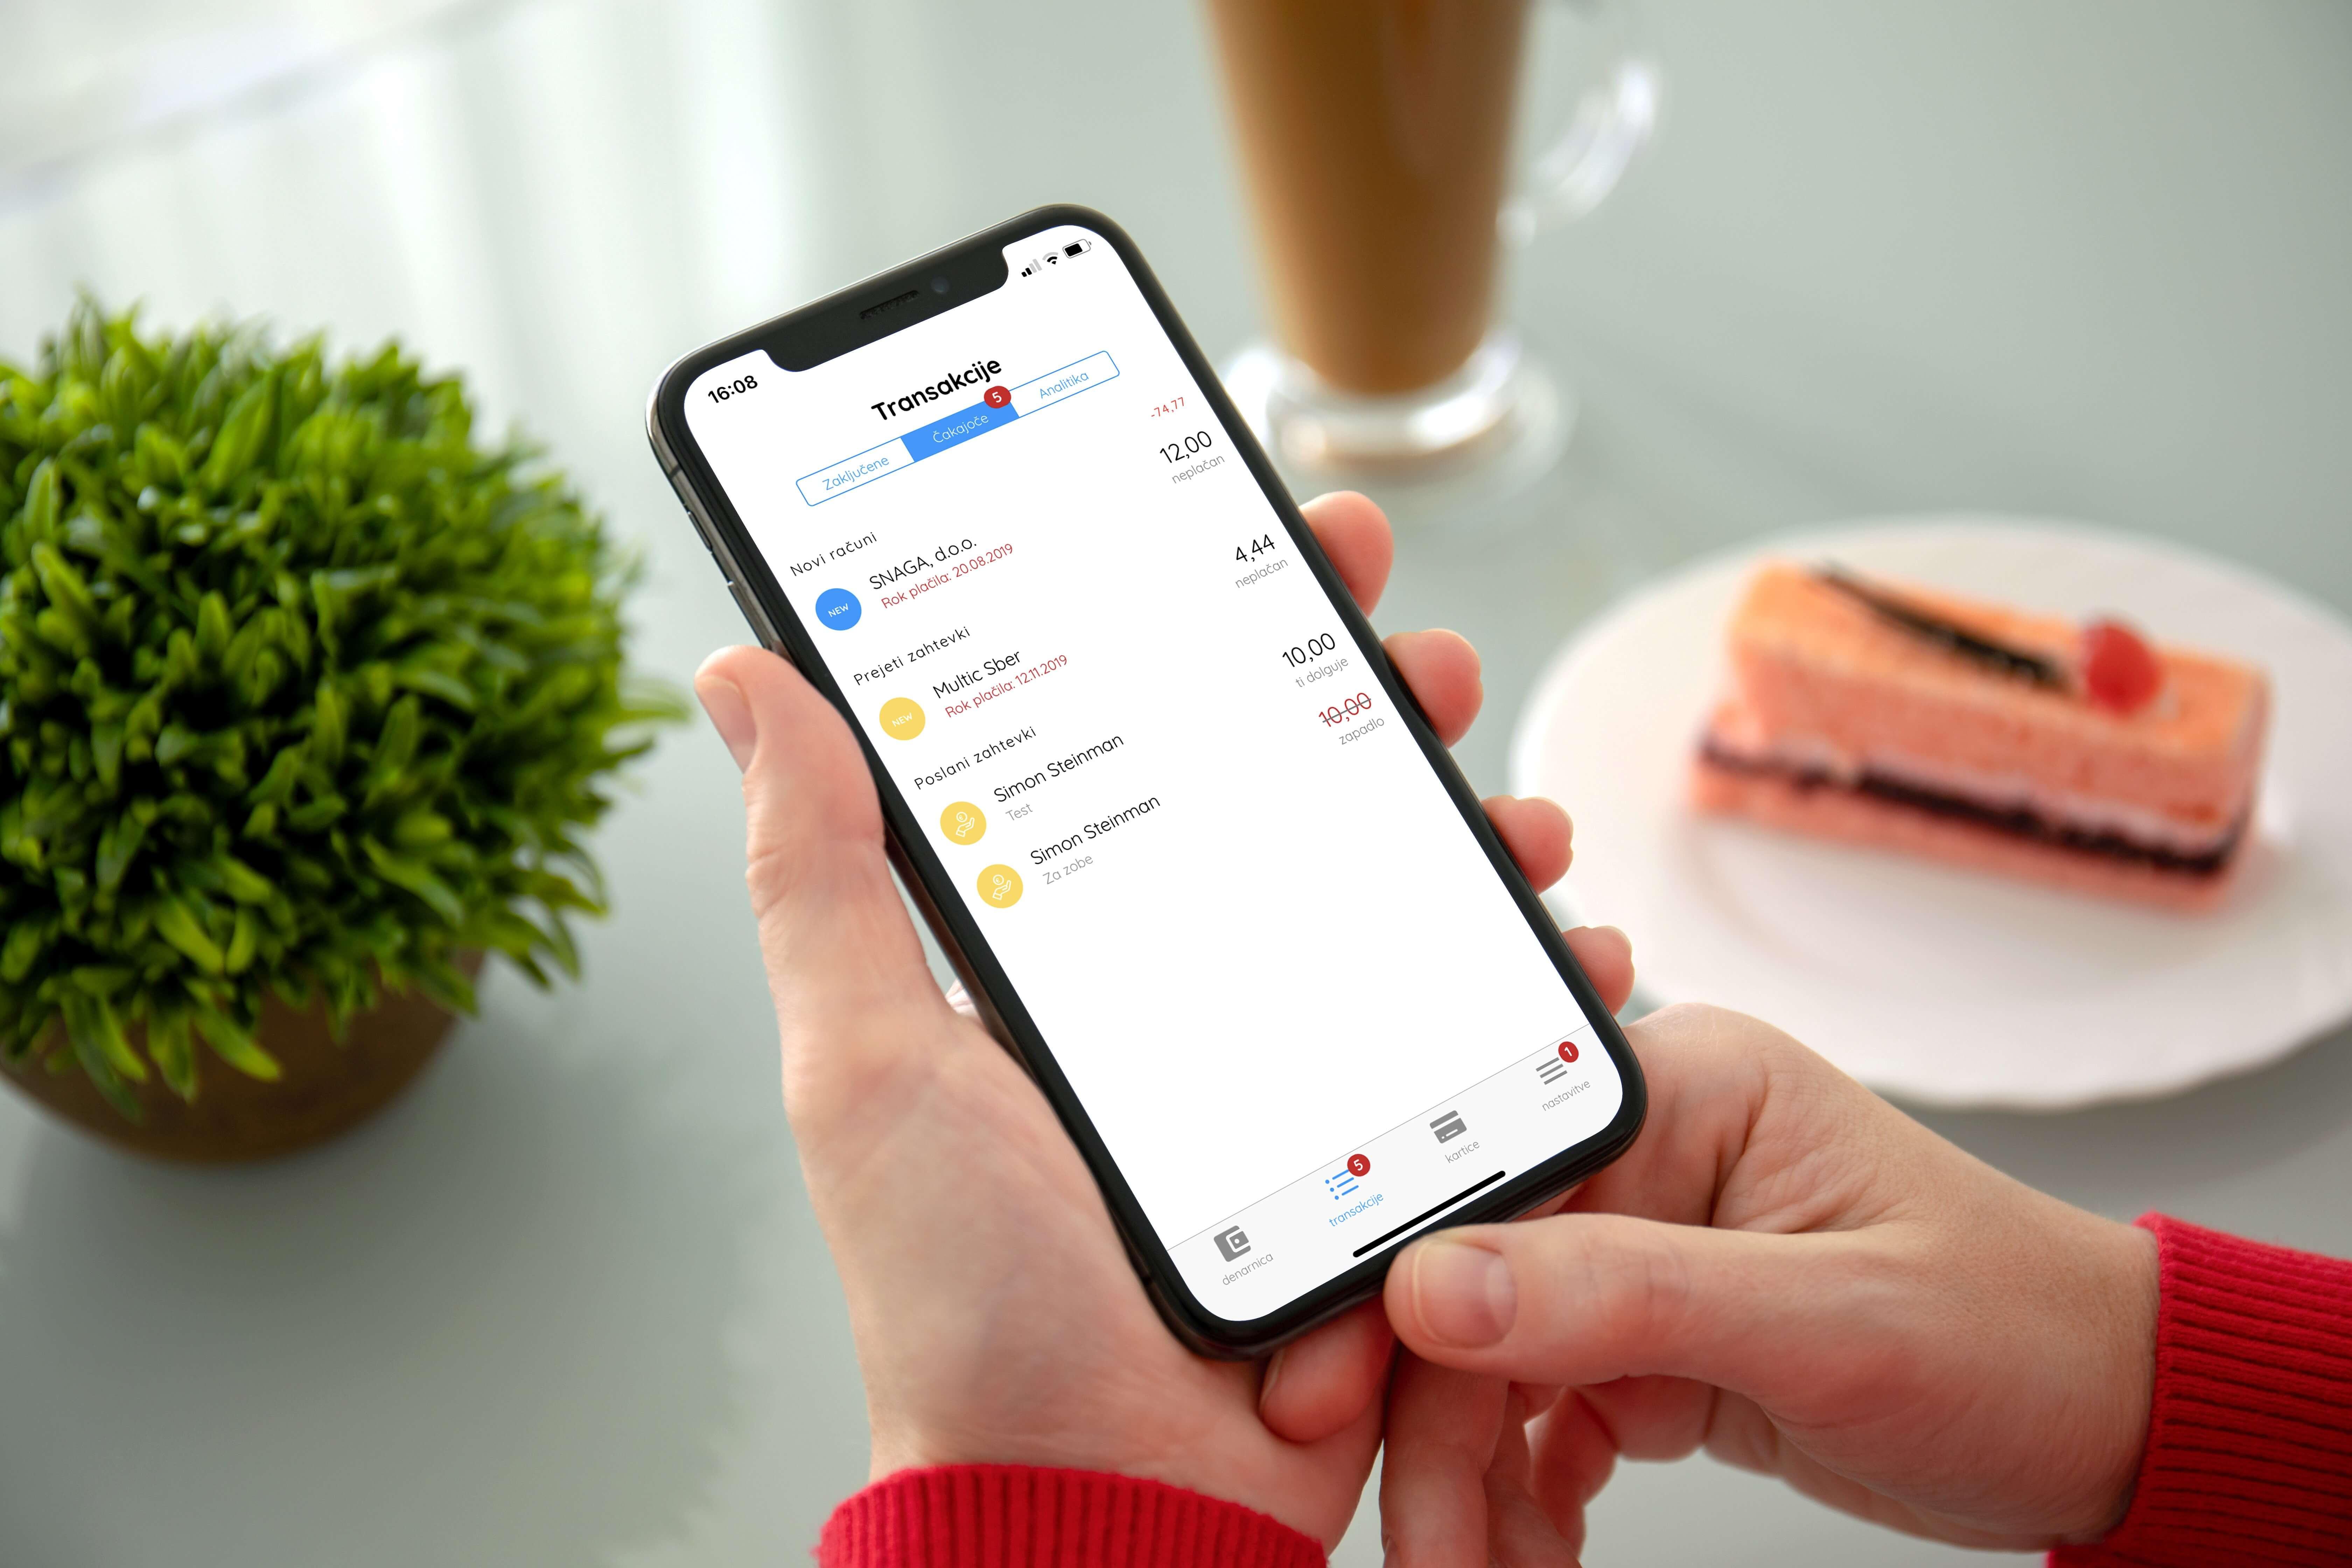 Pošiljanje zahtevka za vračilo denarja s telefonom je hitro in preprosto.